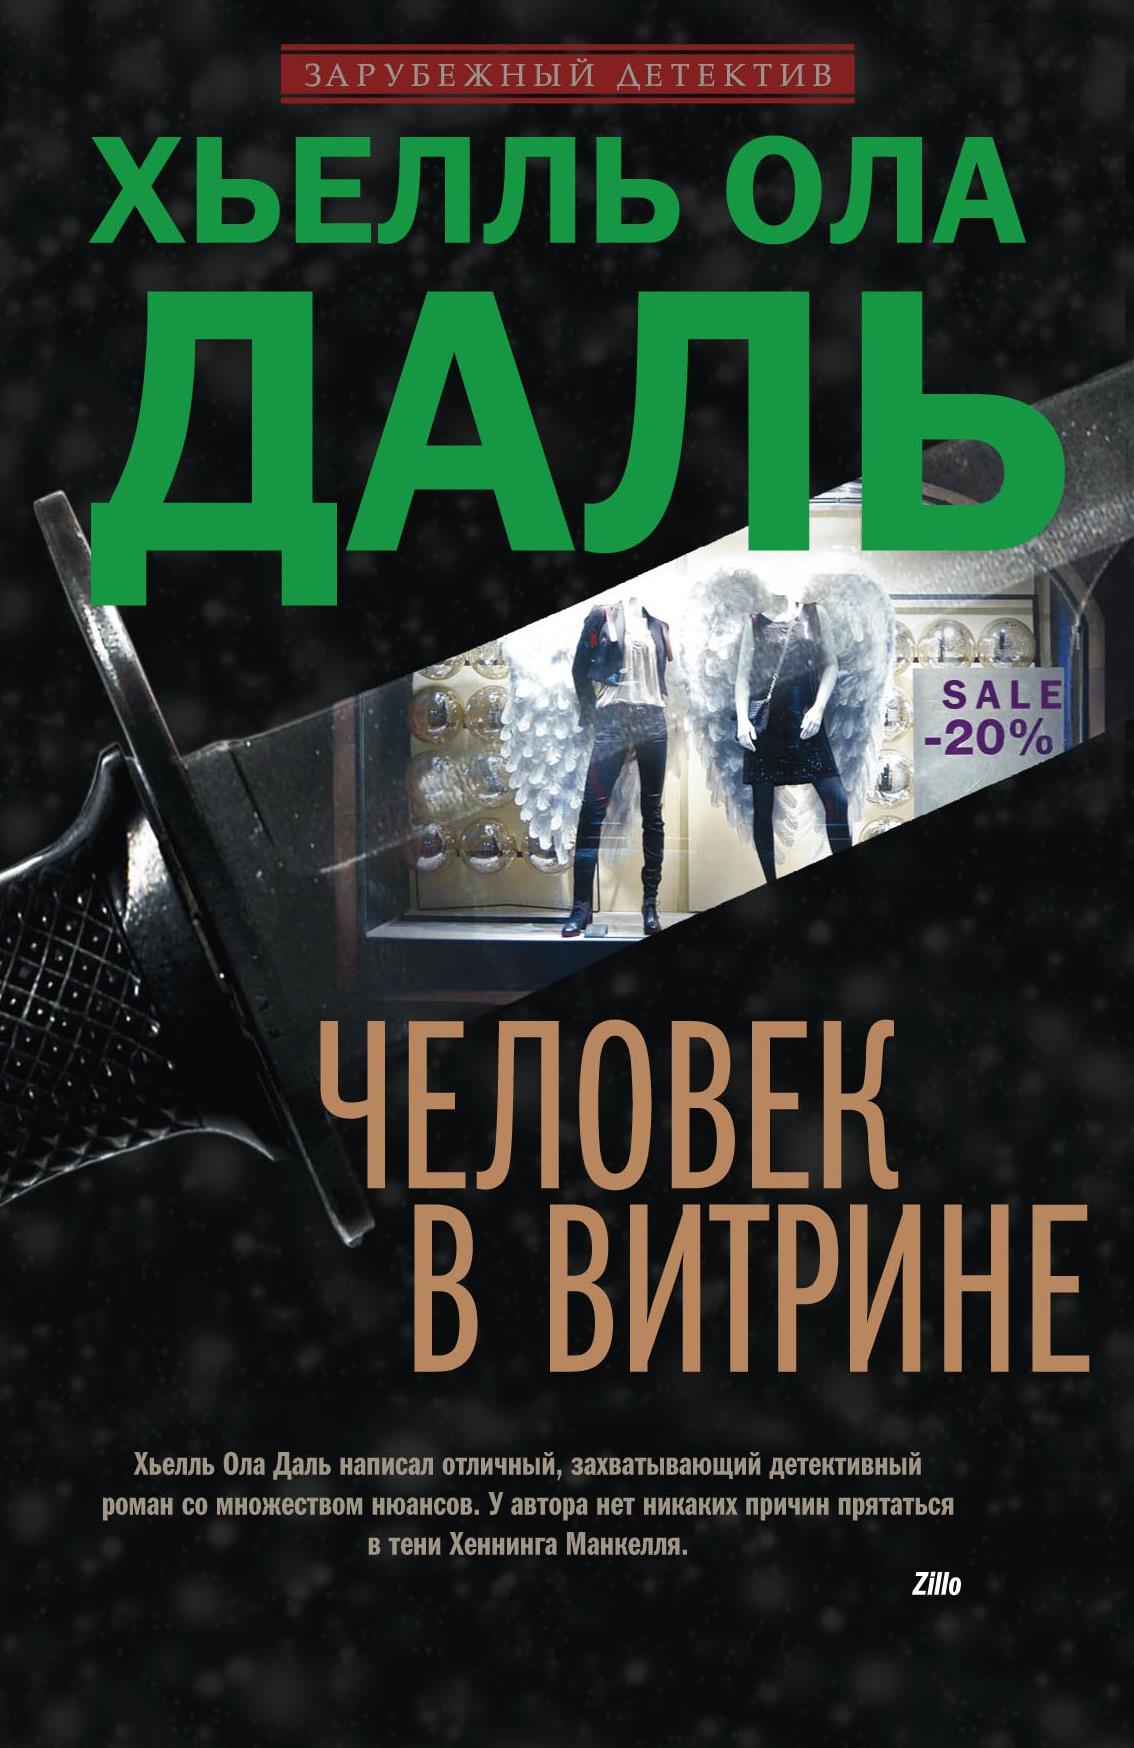 Хьелль Ола Даль Человек в витрине даль хьелль ола четвертый под подозрением роман